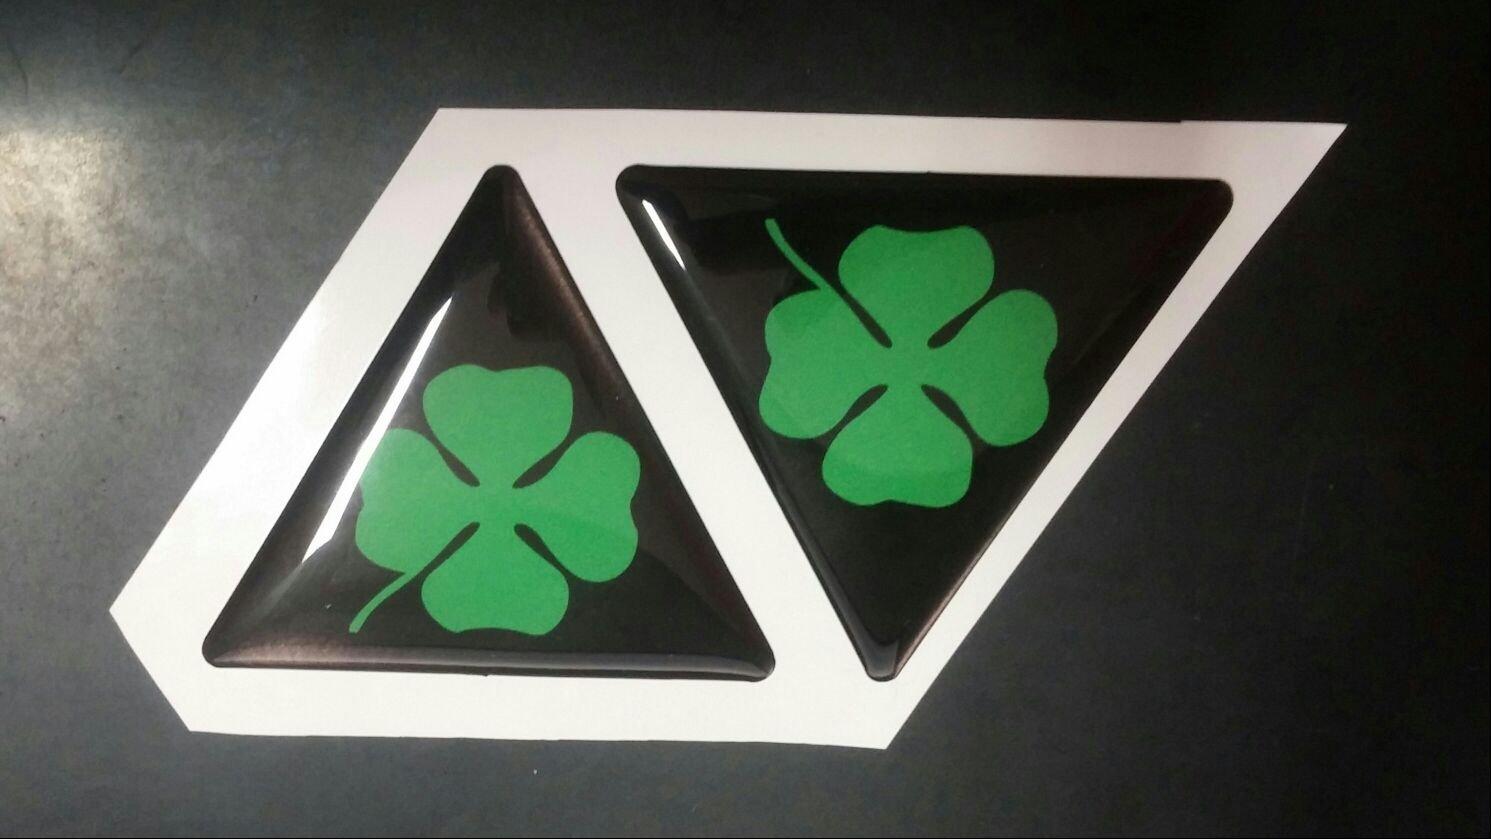 Kit 2 stickers autocollants 3d alfa romeo trè fle vert Size 6 cm Ré sine a-026b Azgraphishop